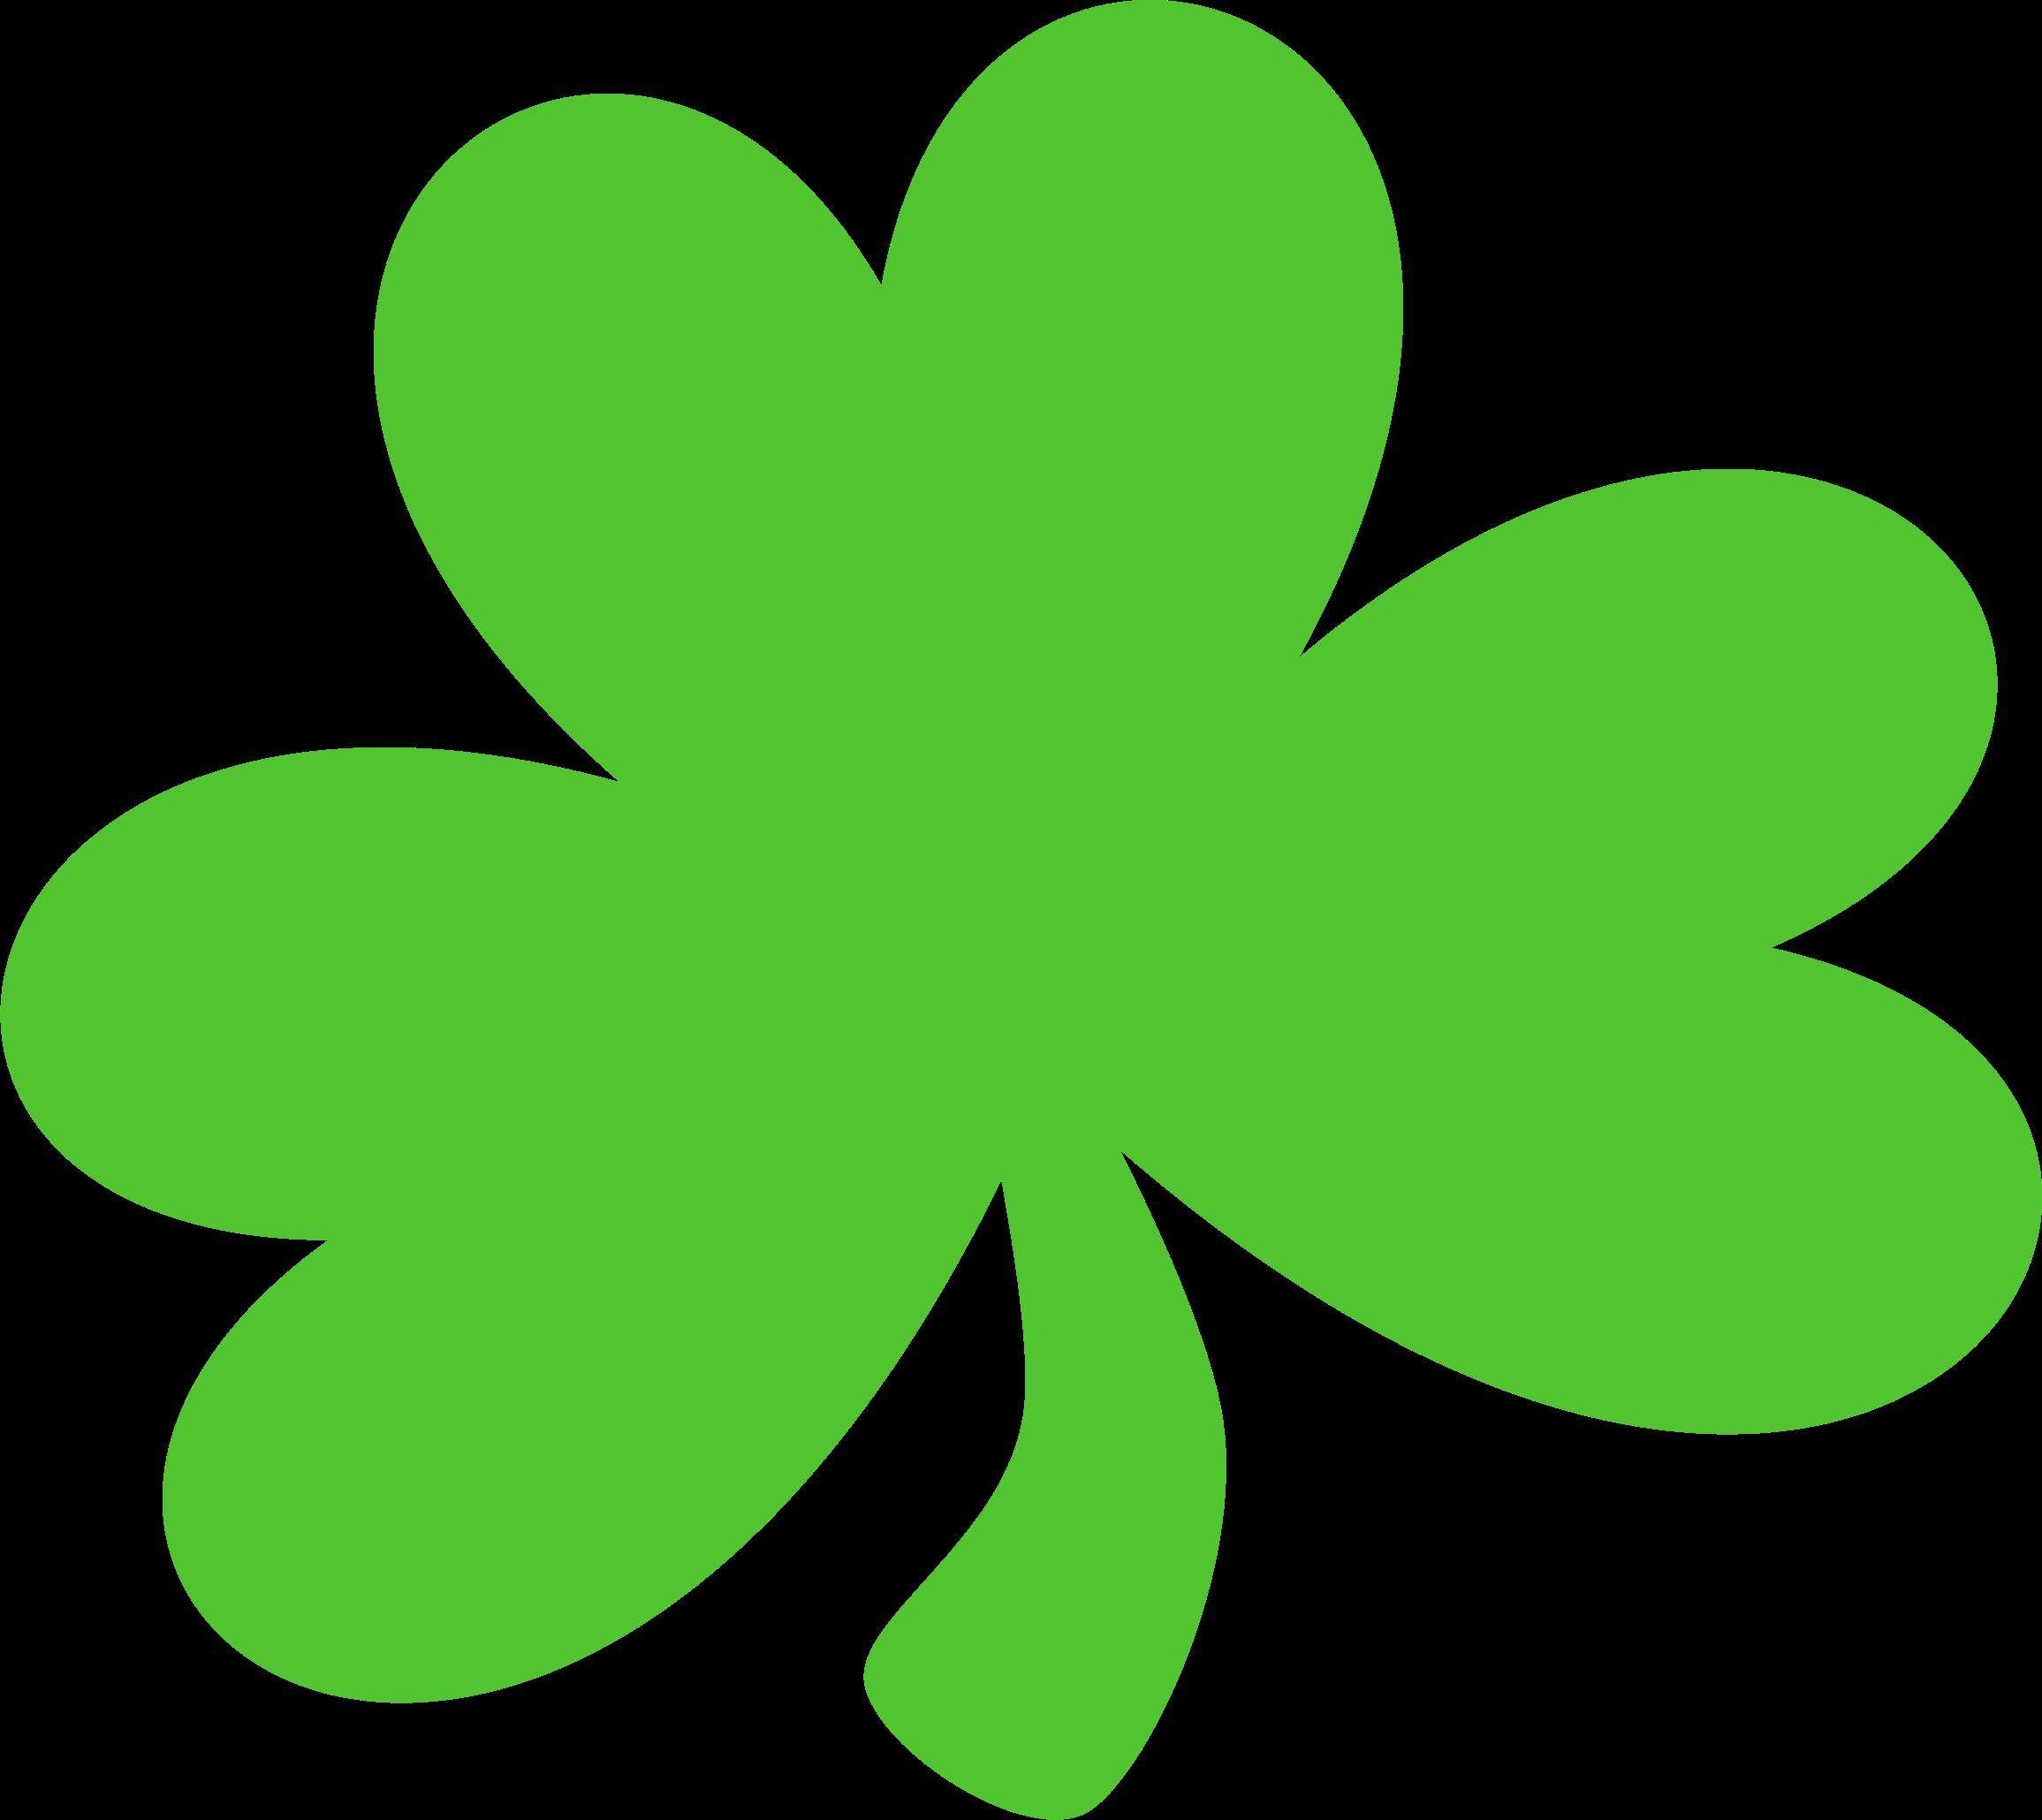 Dark green big image. Irish clipart shamrock